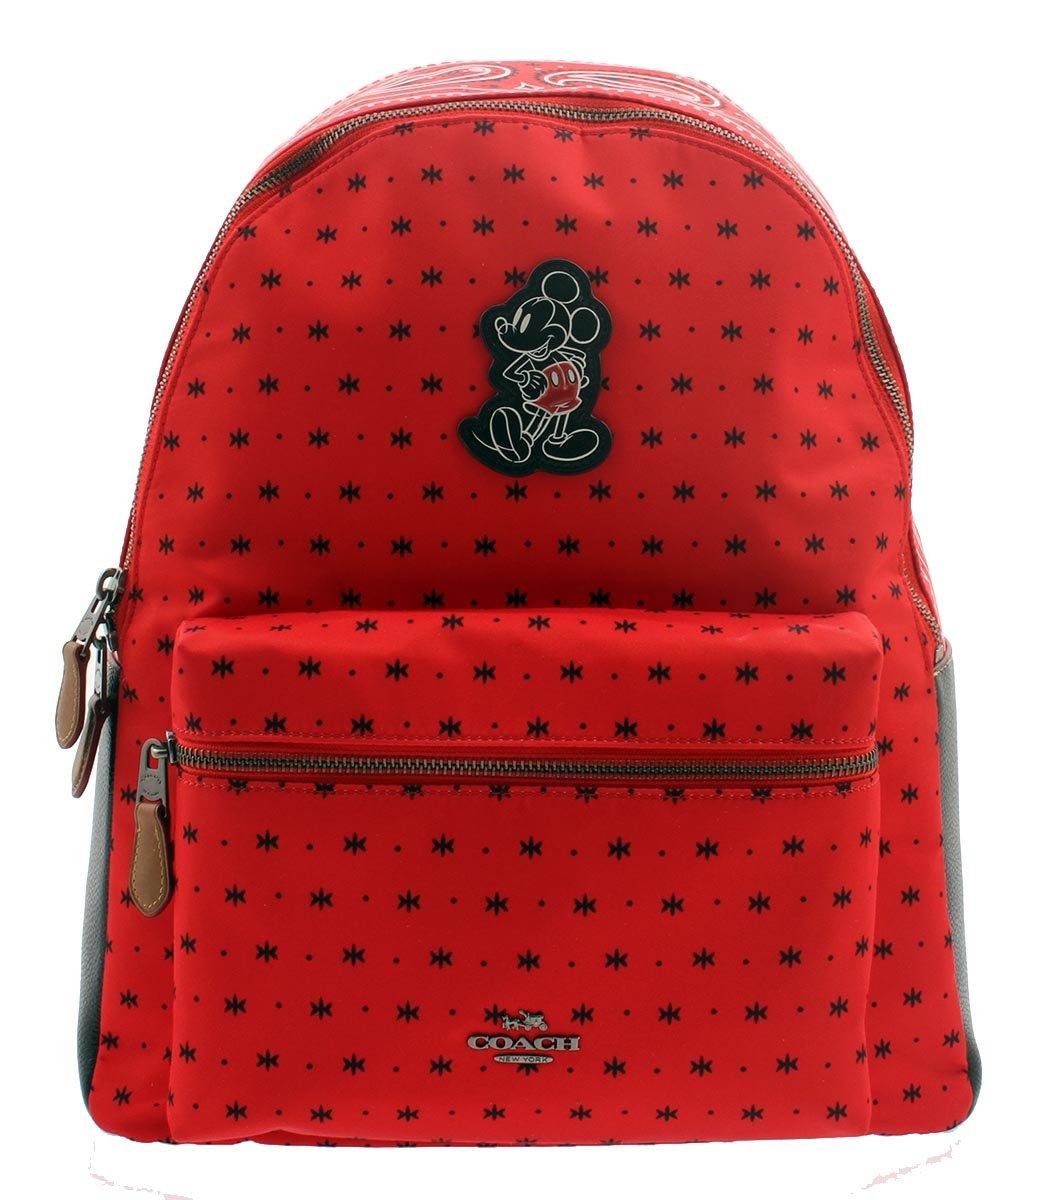 COACH MICKEY Charles Backpack in Prairie Bandana Print Bright Red